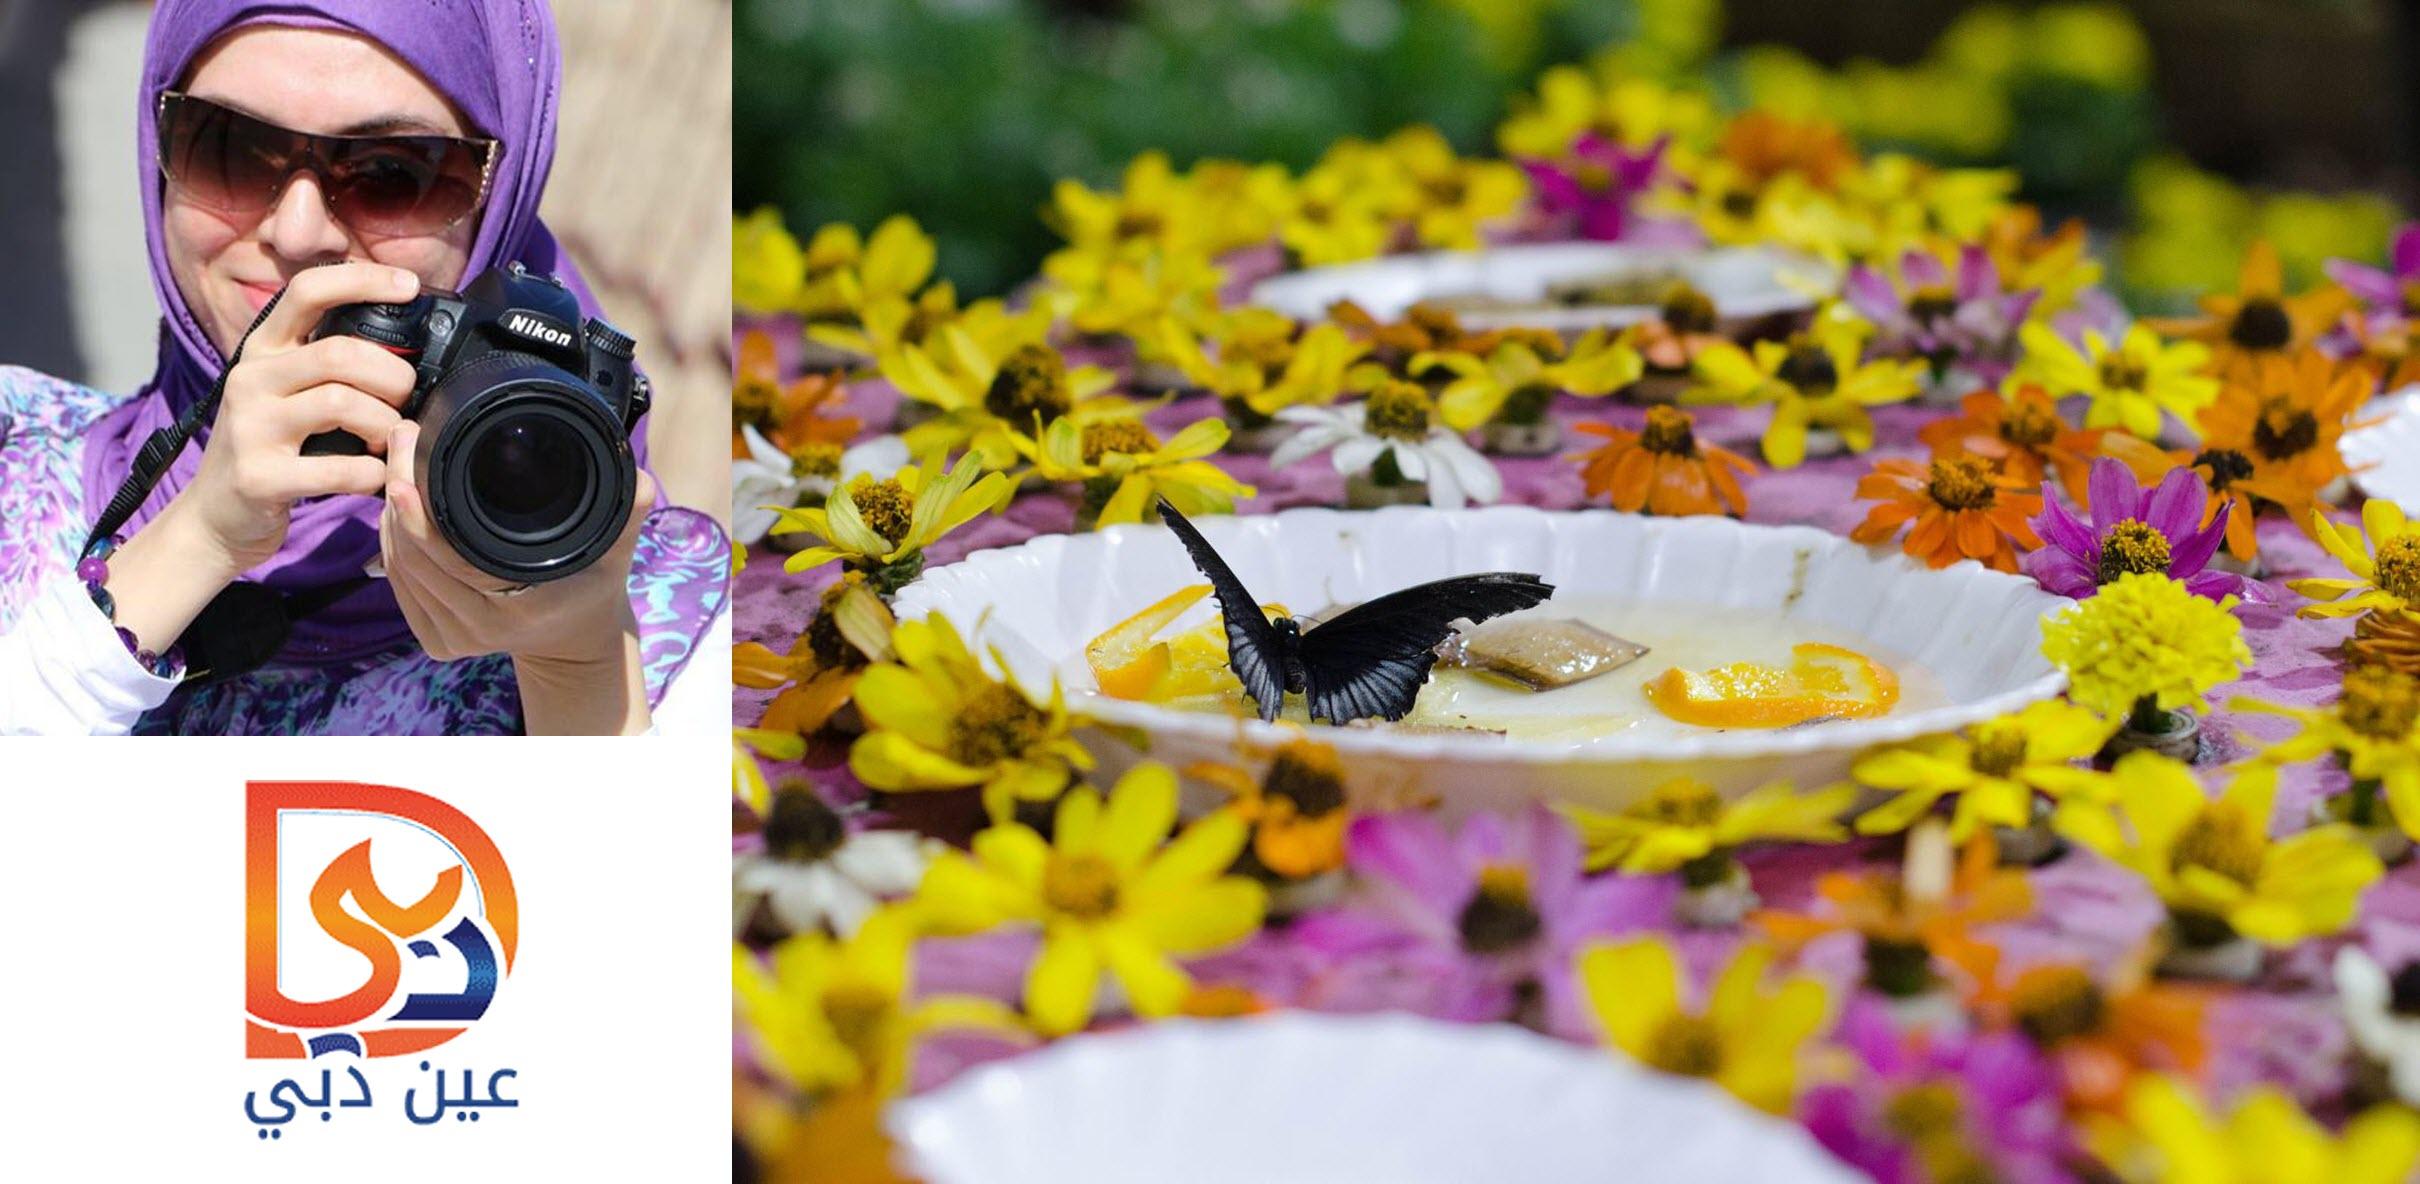 أجمل صور حديقة الفراشات بعدسة المصورة الإمارتية ريم